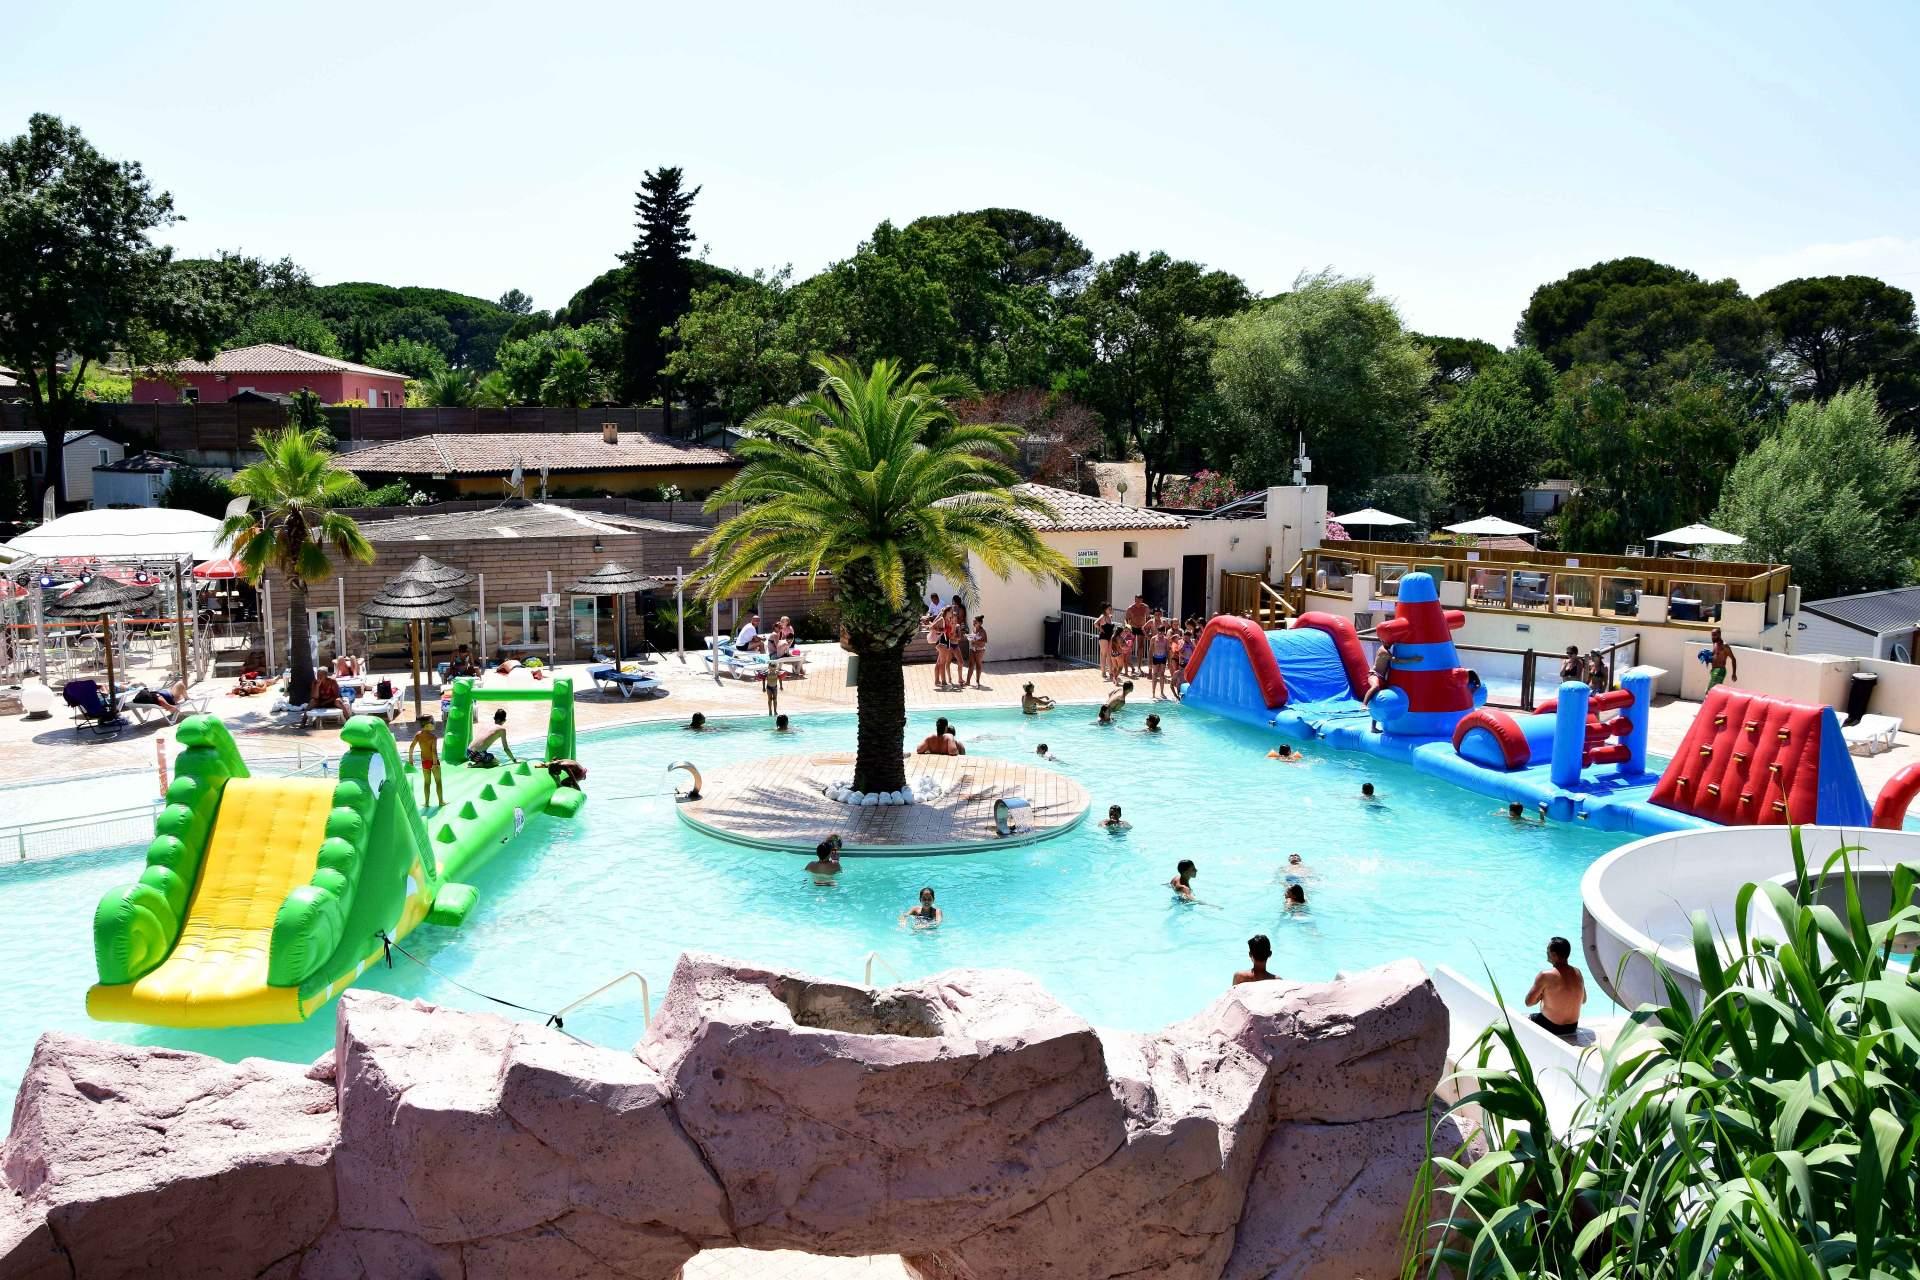 Pour plaire aux plus jeunes, la piscine du camping Site de Gorge Vent comporte des toboggans aquatiques et de belles structures gonflables.